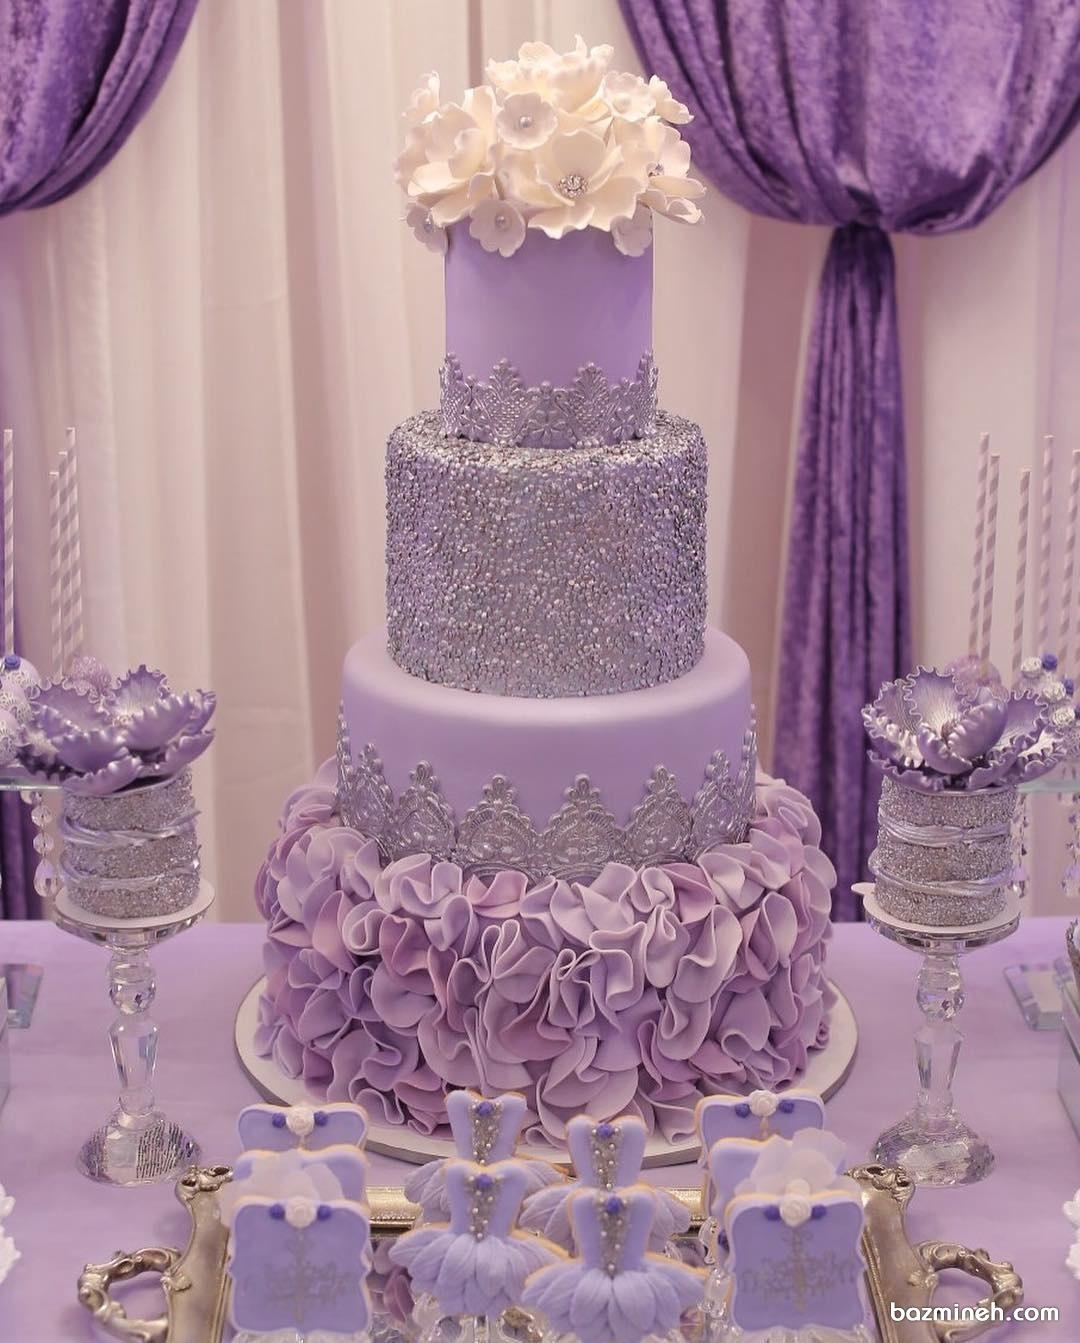 کیک بنفش همراه با تم بنفش برای تولد و نامزدی